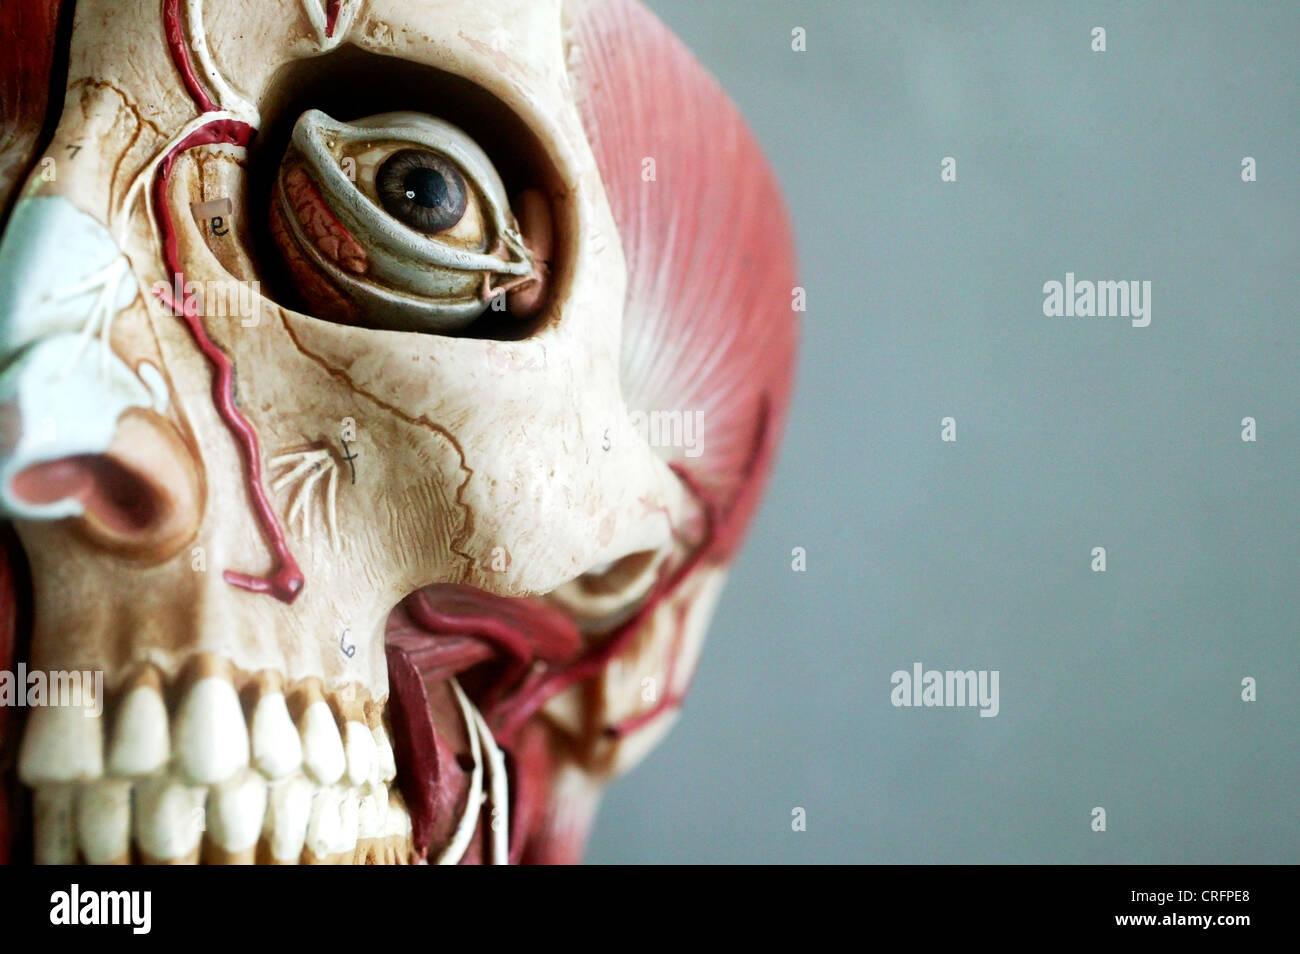 Un modelo anatómico que muestra la estructura ósea de la cabeza. Imagen De Stock